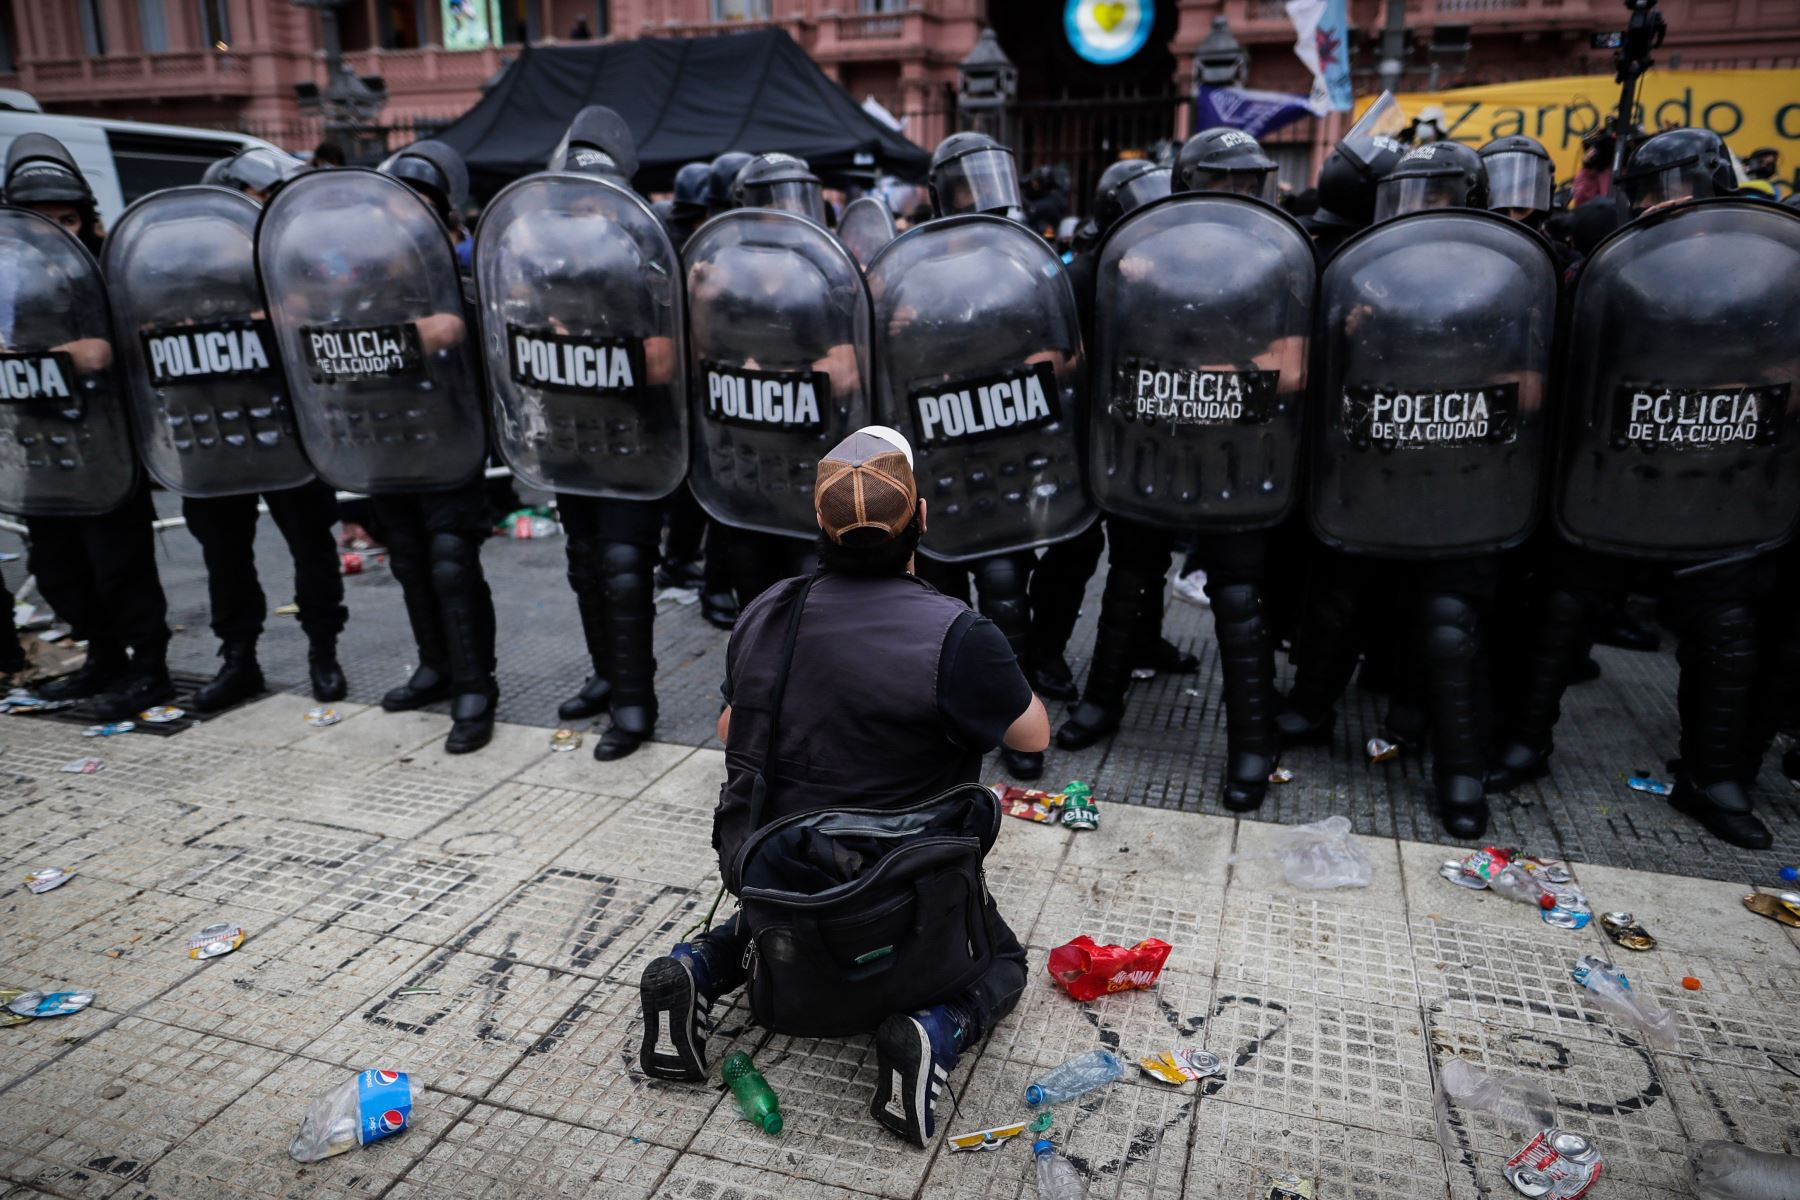 Una persona se arrodilla delante de la policía durante la espera para poder ingresar al velatorio de Diego Armando Maradona,  en la Plaza de Mayo de Buenos Aires. Foto: EFE